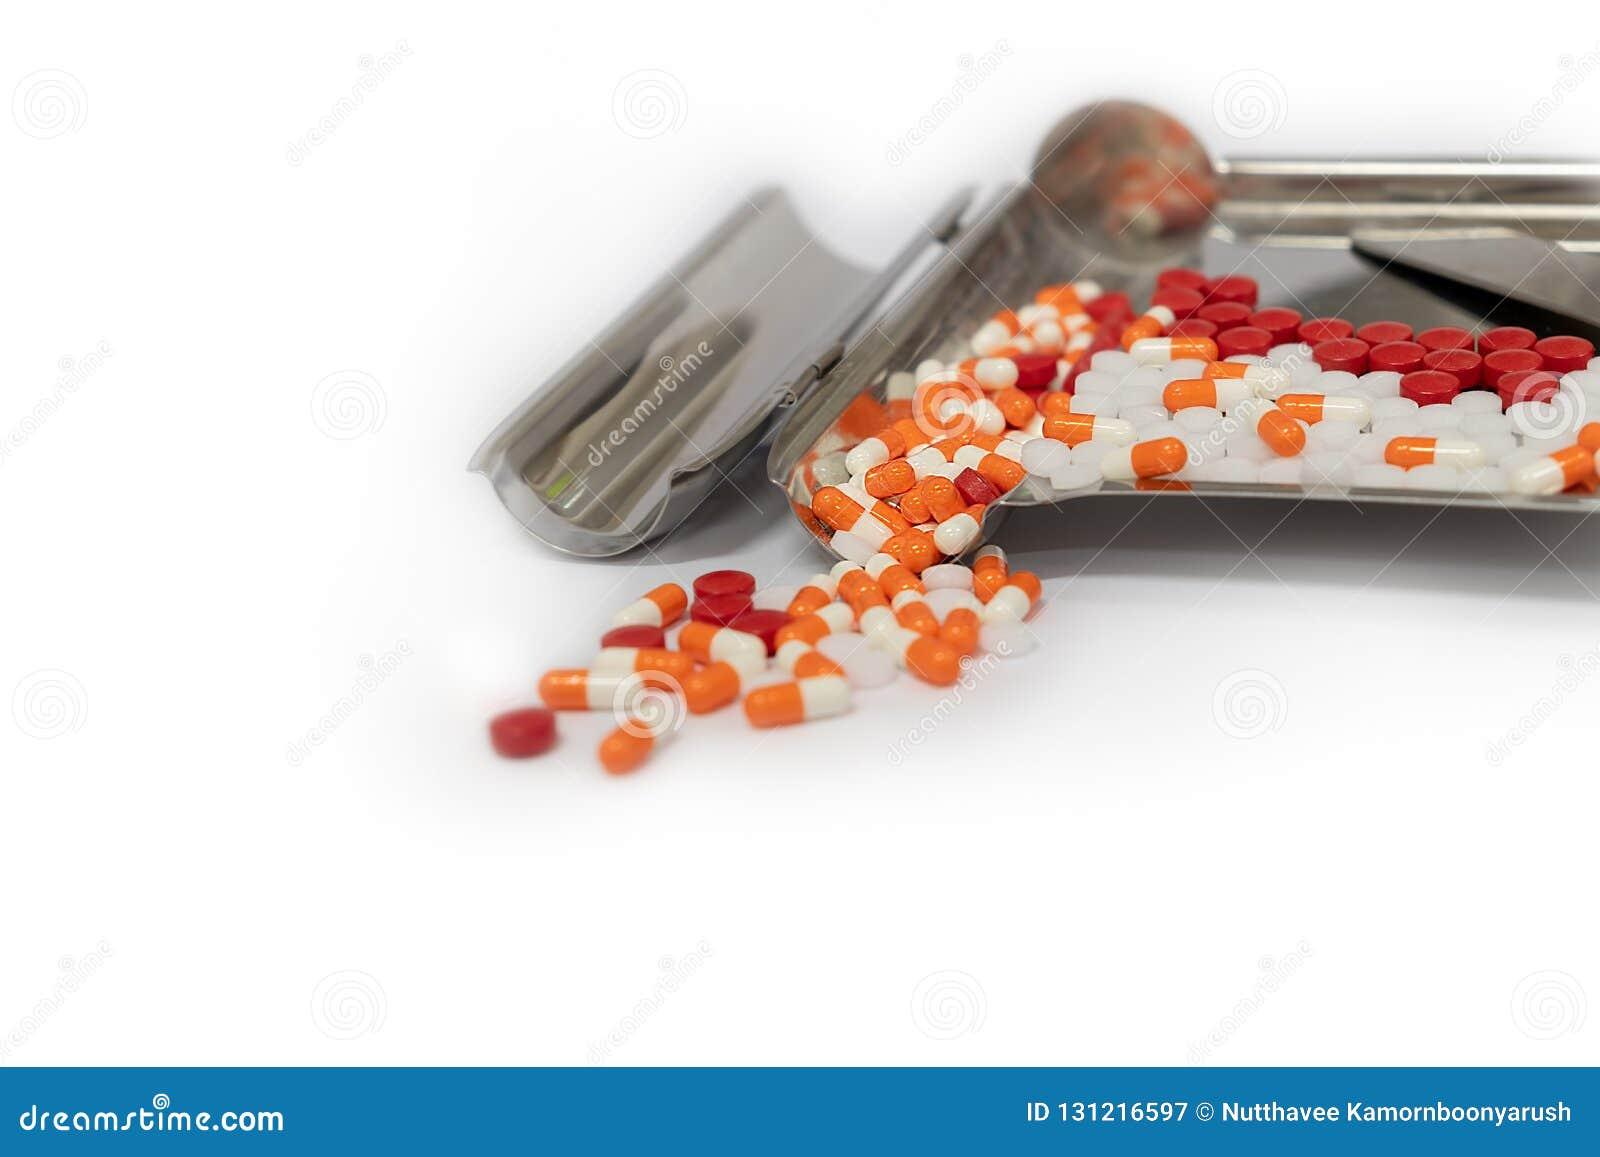 橙色胶囊药片和药物盘子在白色背景与警察